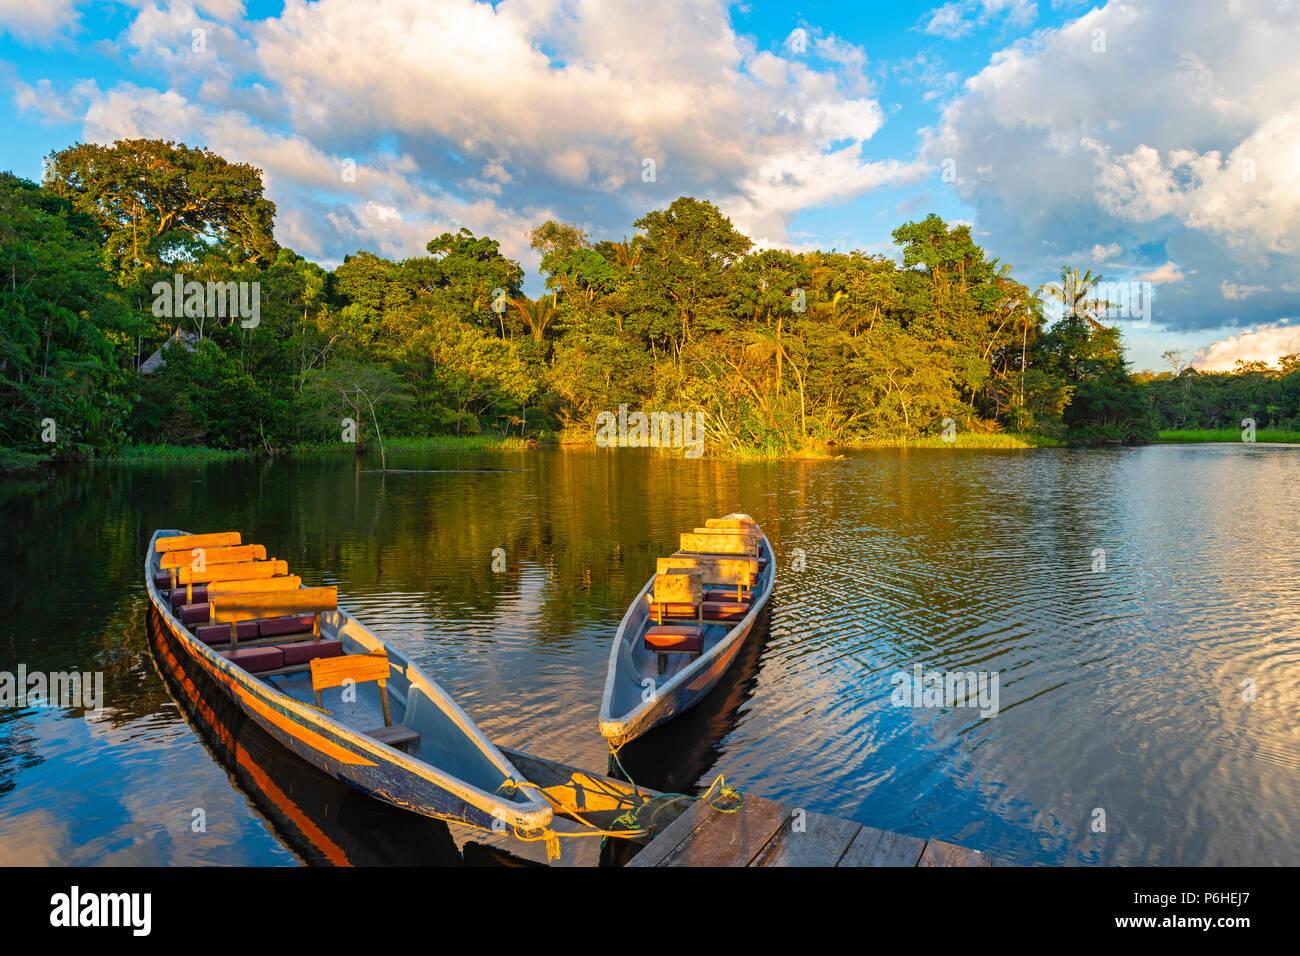 Deux canots en bois traditionnel au coucher du soleil dans le bassin de l'Amazone avec la forêt tropicale à l'arrière-plan, le Parc national Yasuni, en Equateur. Photo Stock